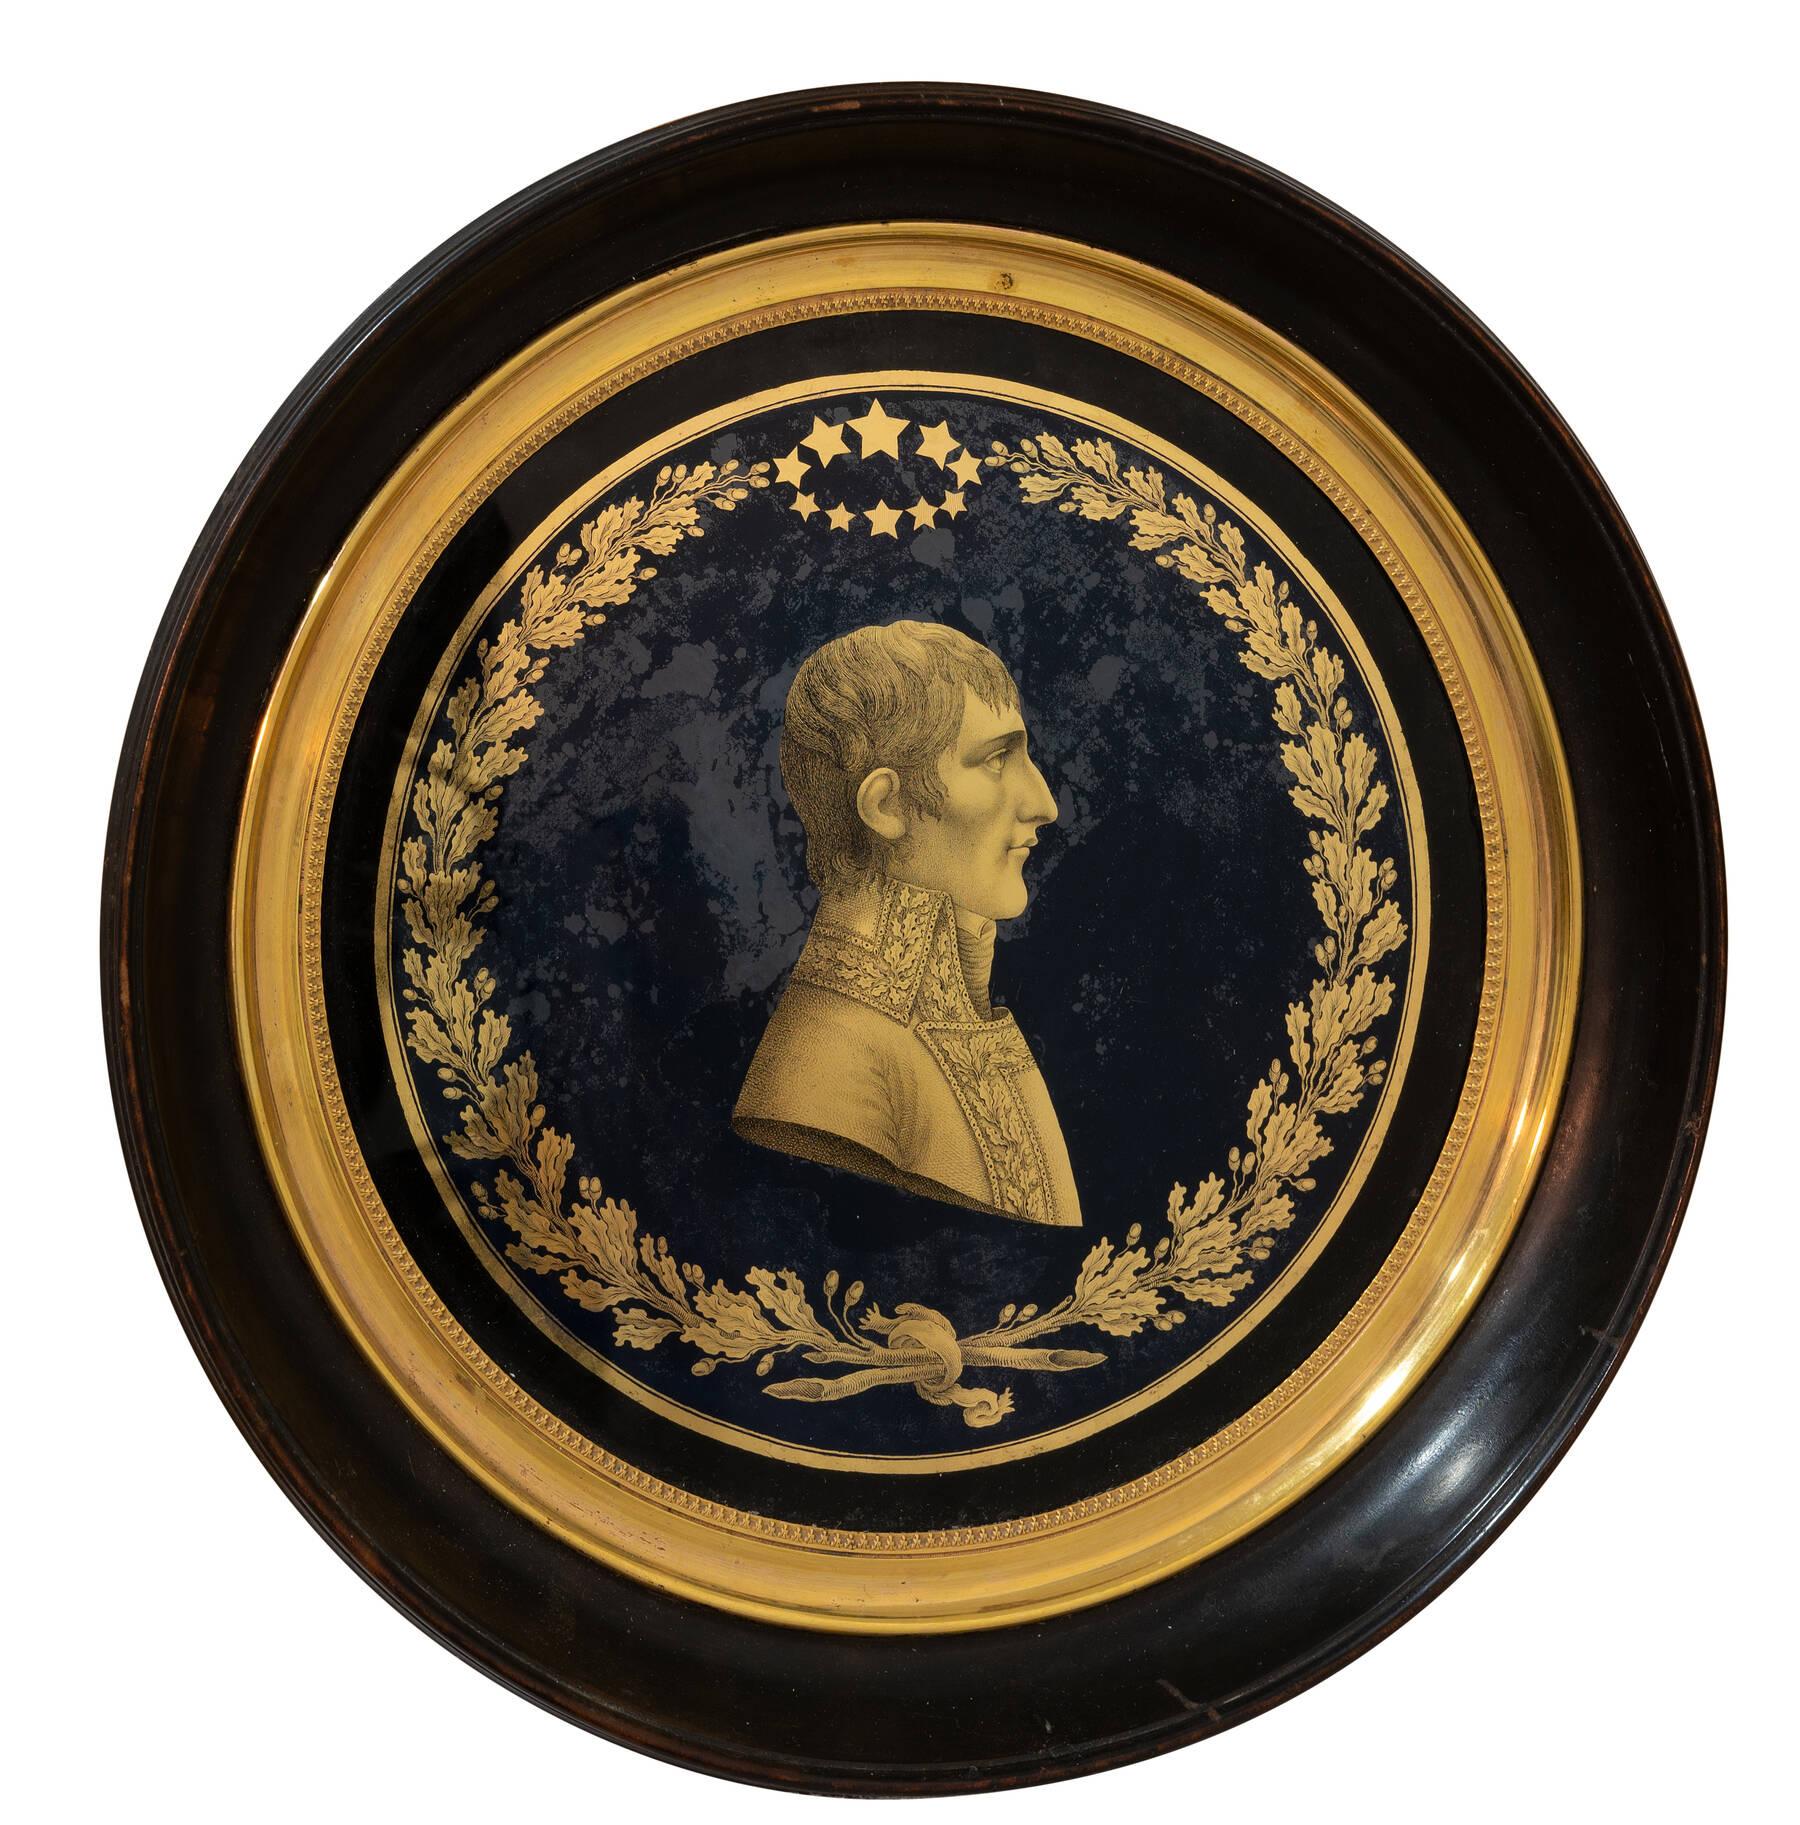 Portrait de Napoléon 1er consul vers 1800